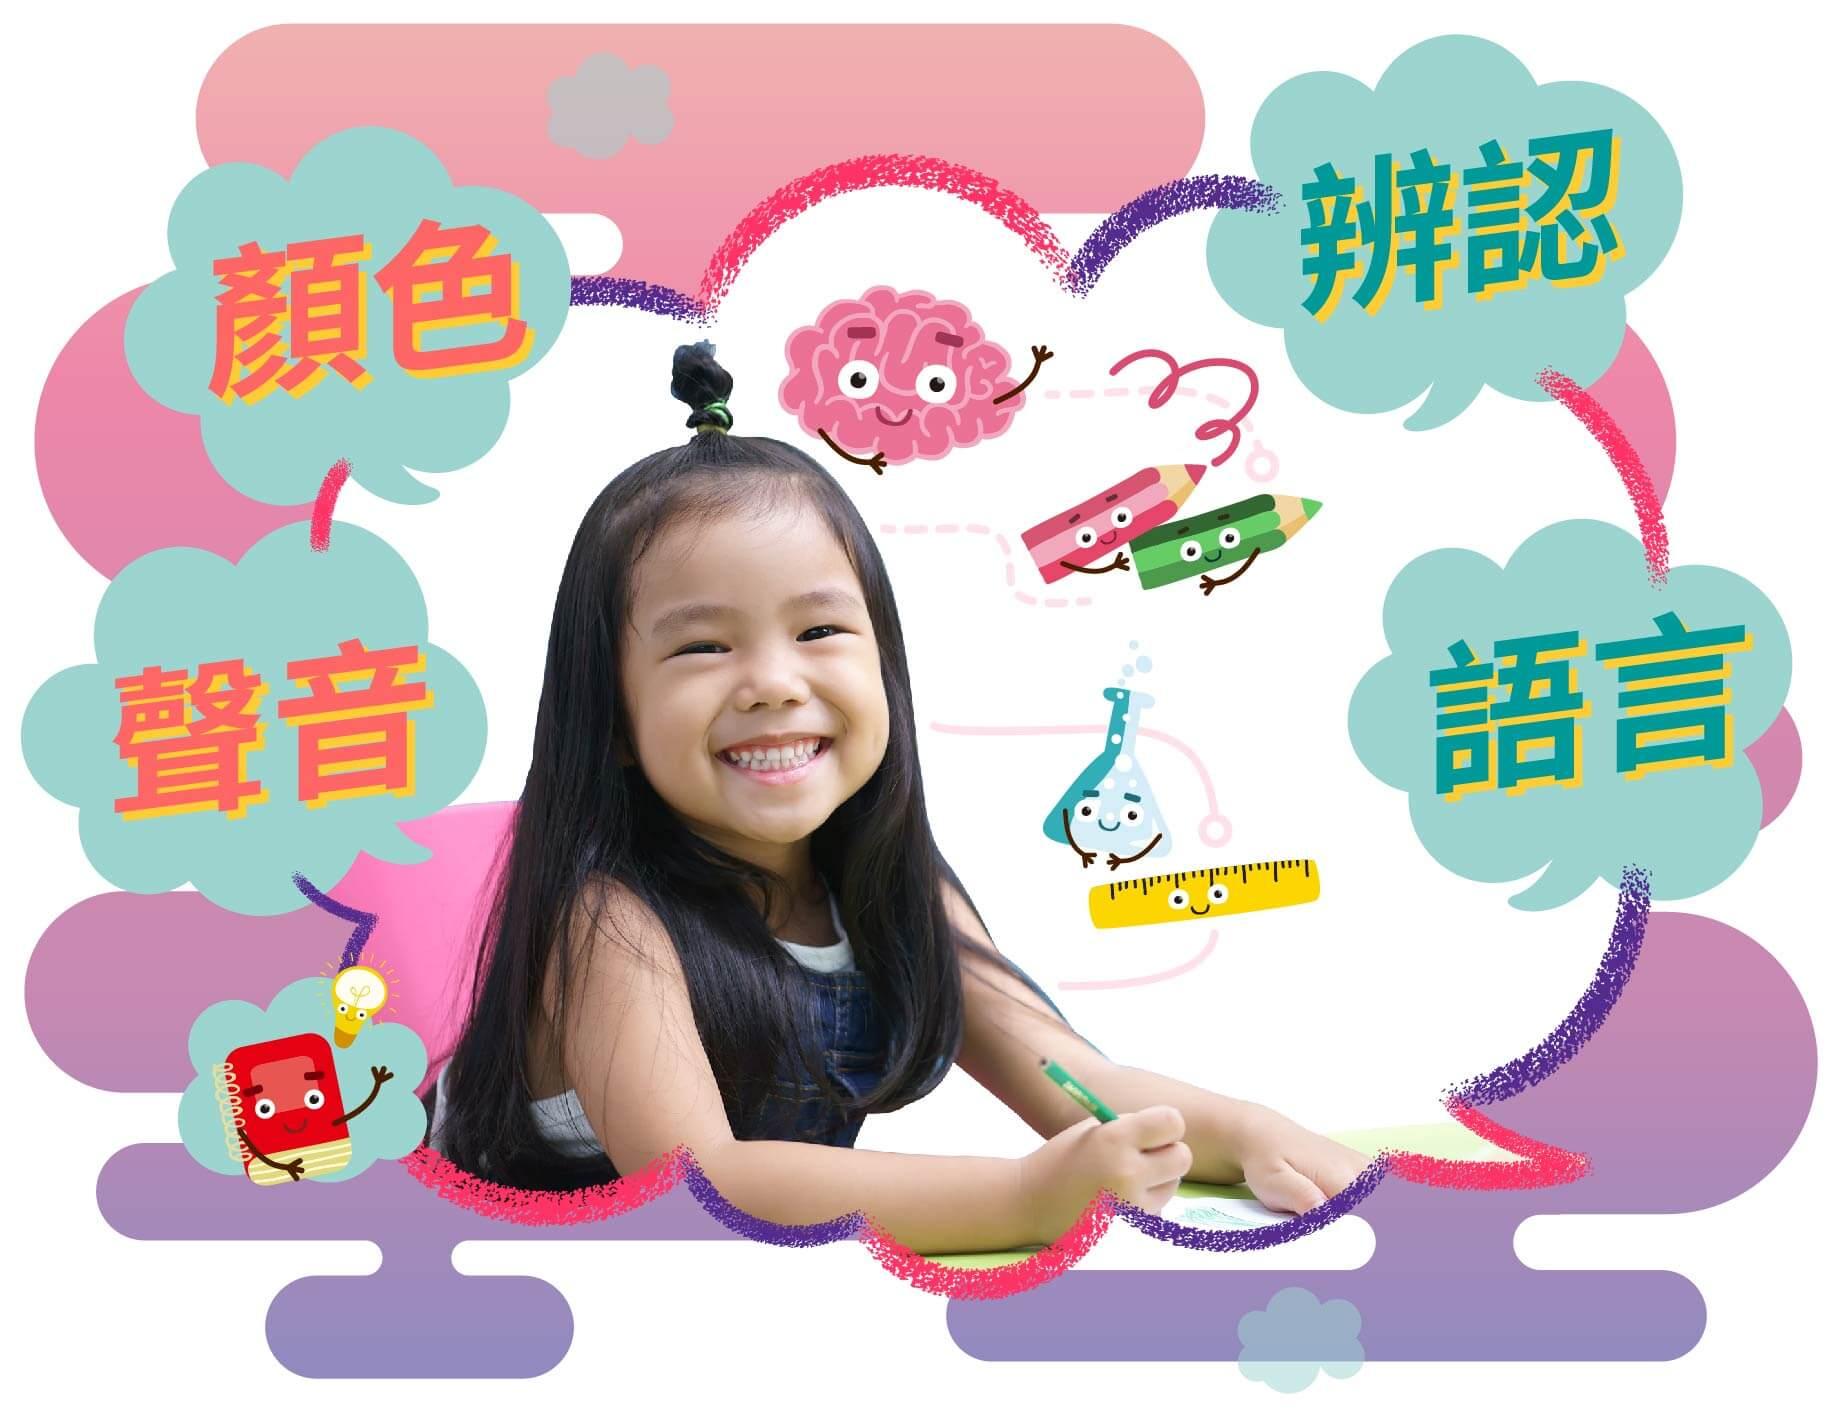 寫作和說話的預備,顏色識別,發音辨別,辨認語言,